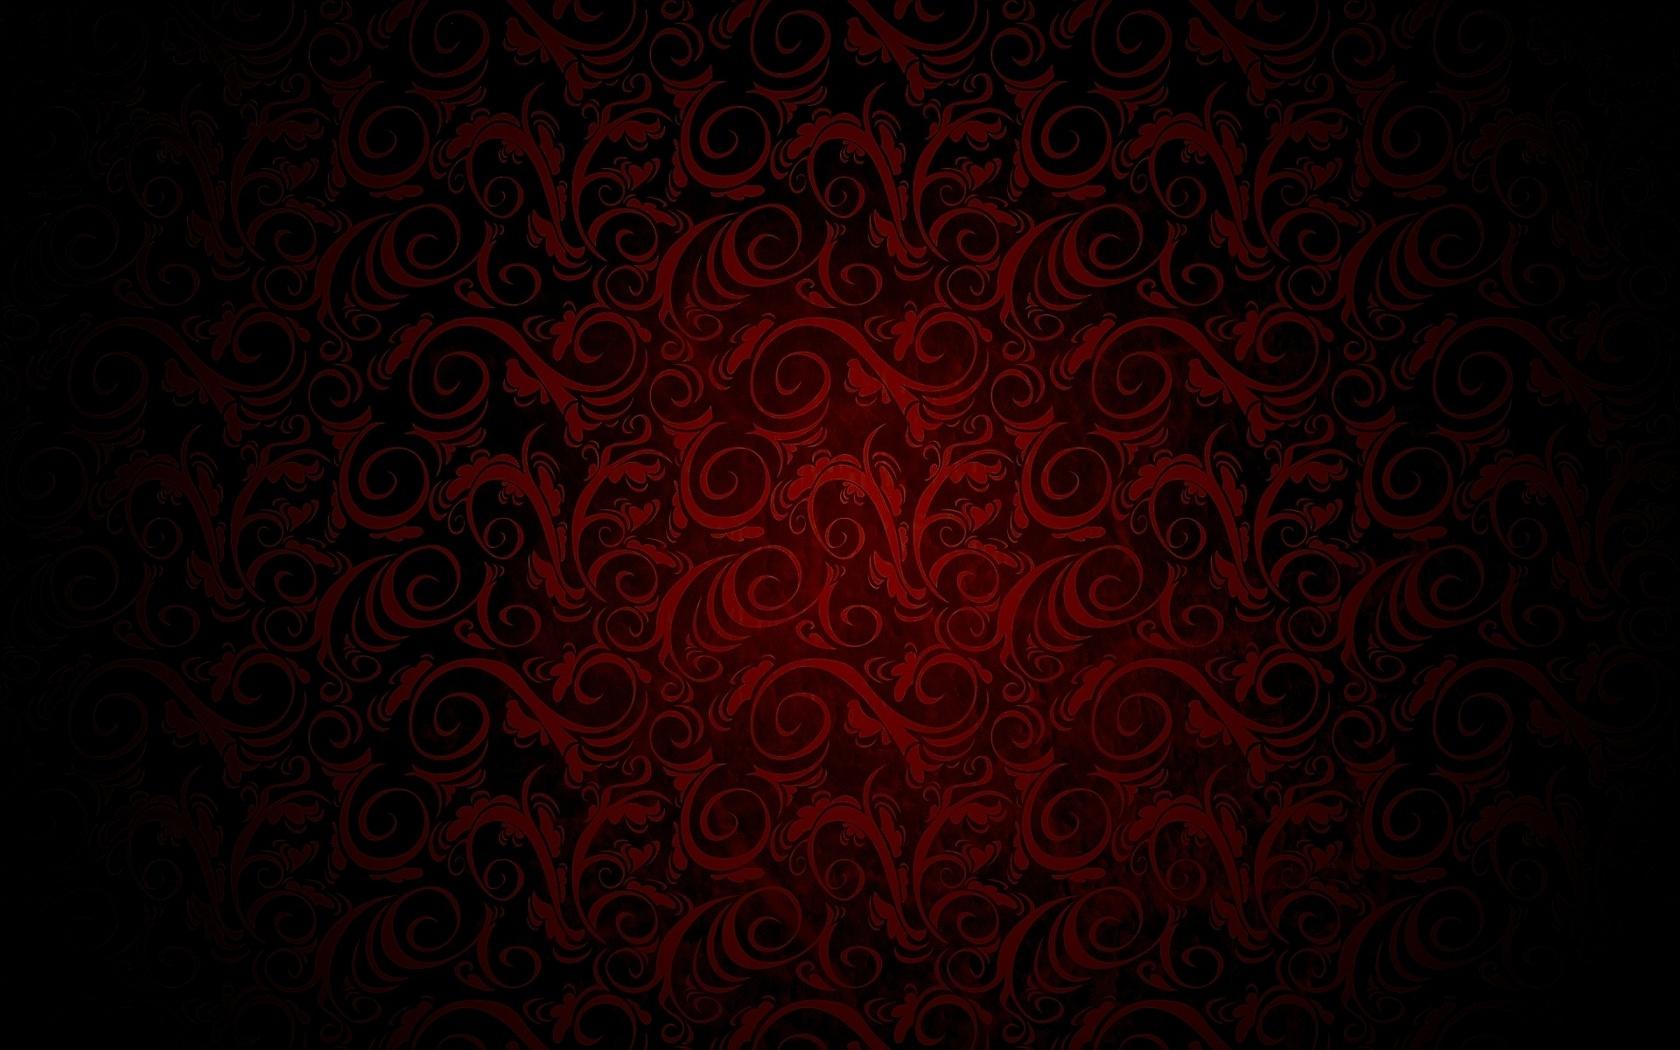 textures, рисунок, оттенки, Текстуры, узор ...: desktopwallpapers.org.ua/download/8566/1680x1050